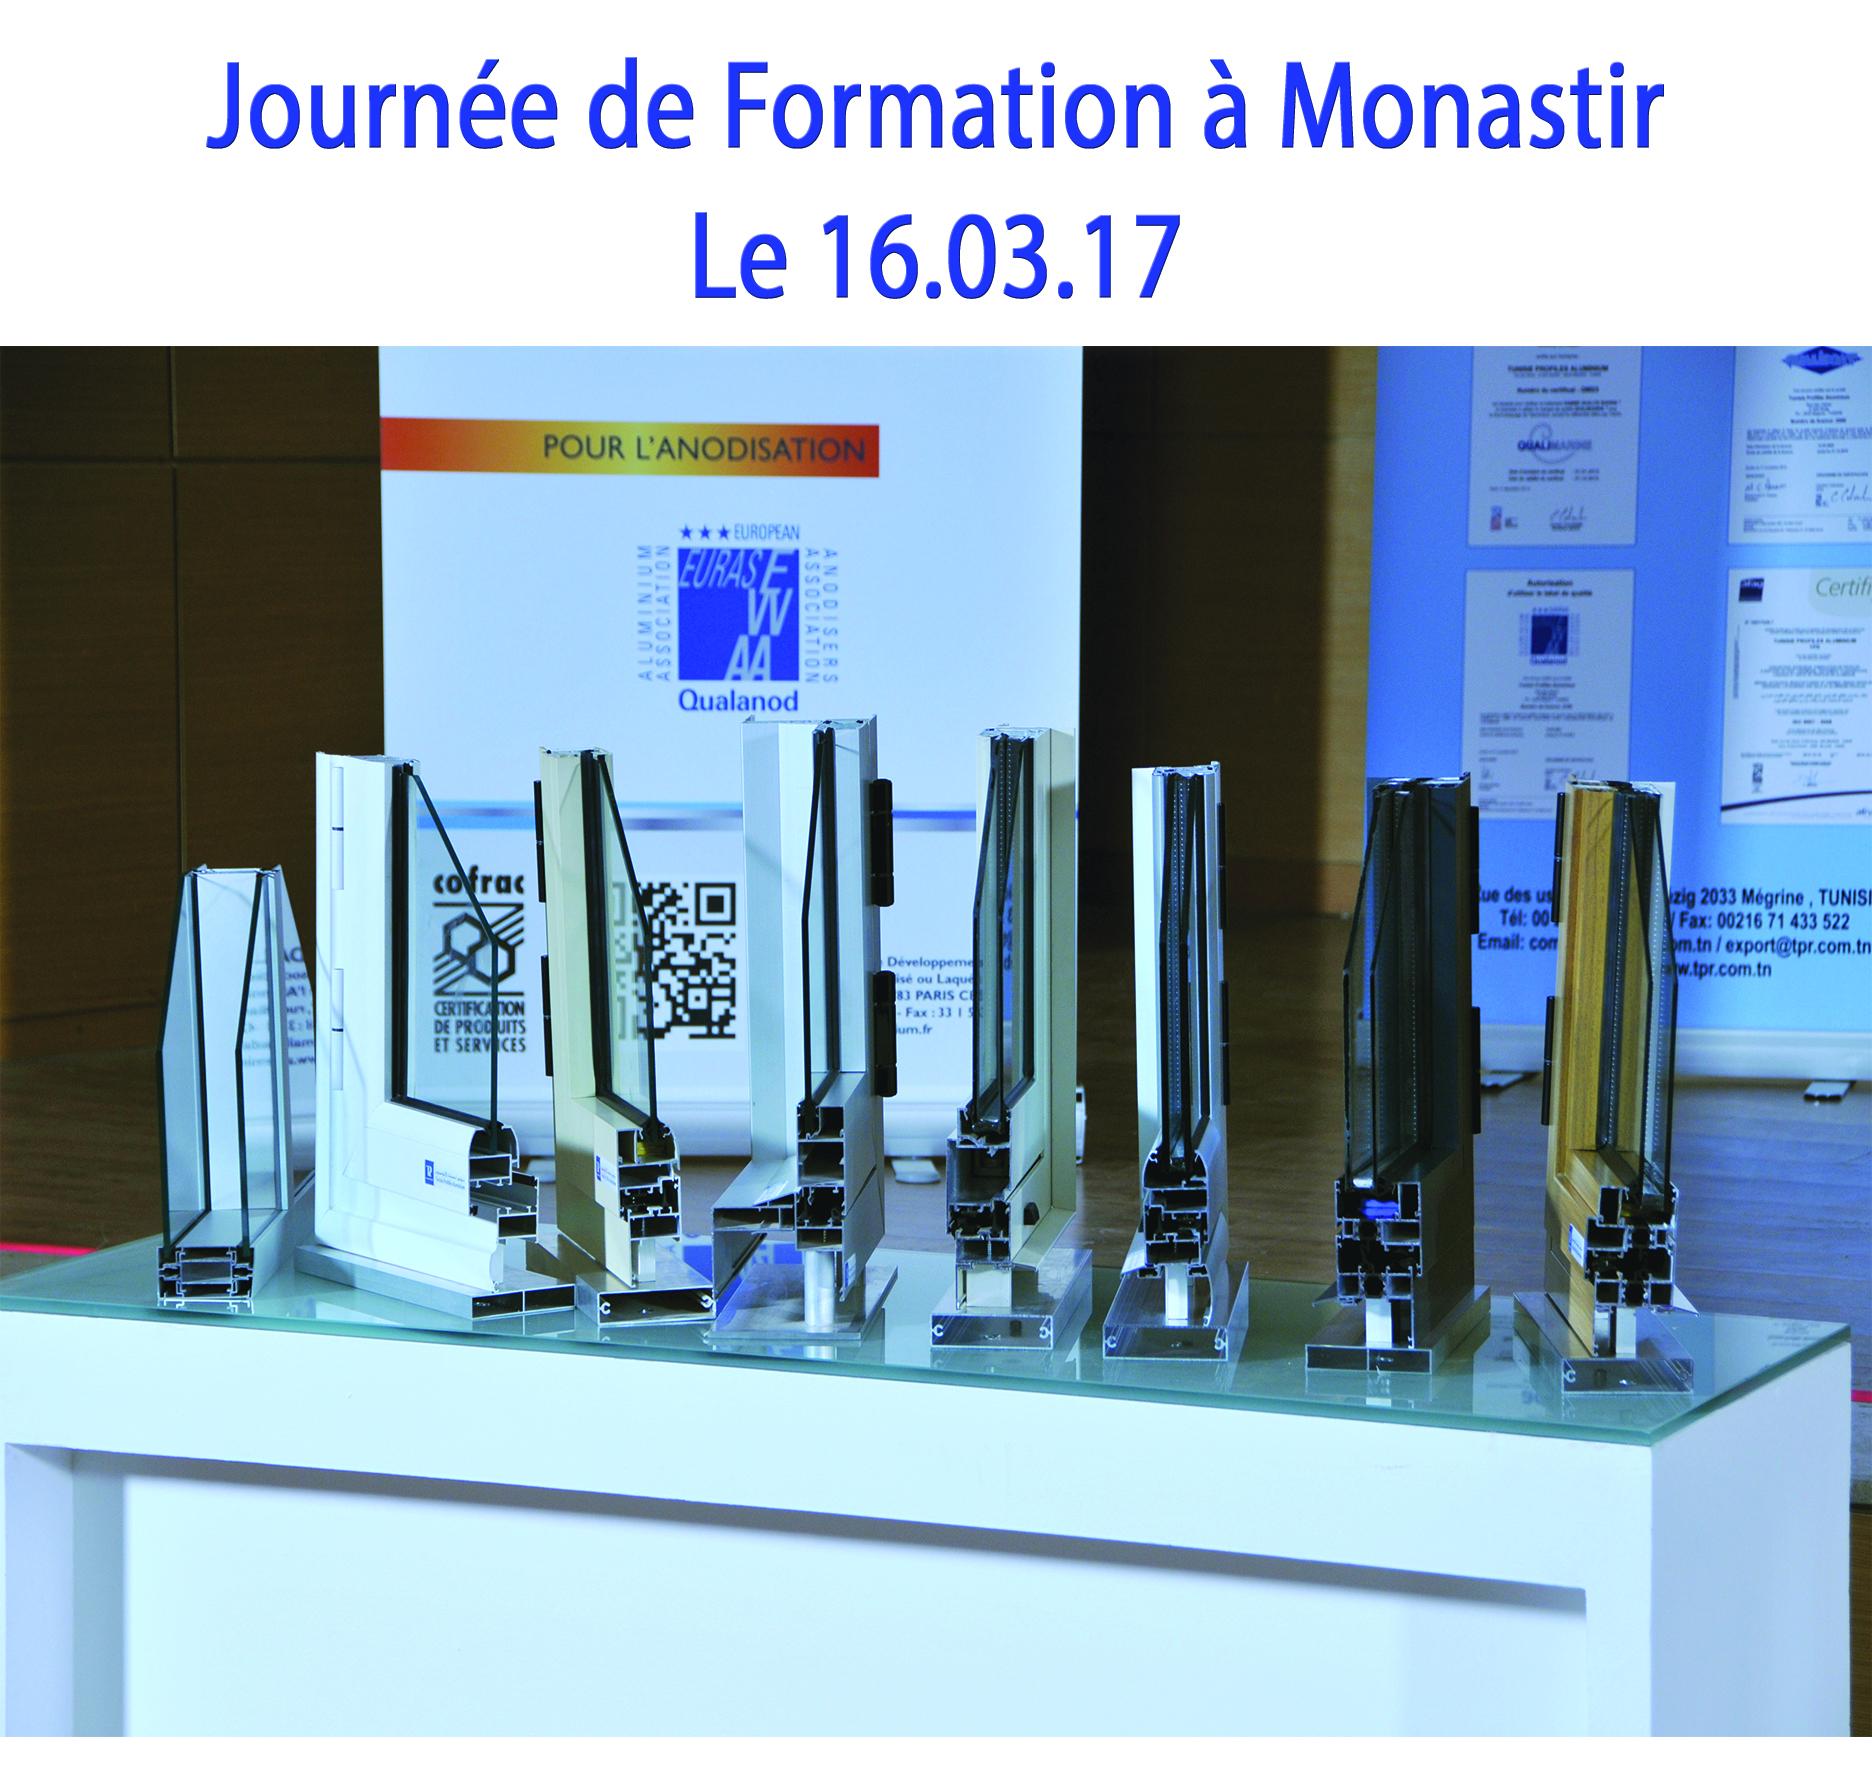 Journée de formation à  Monastir